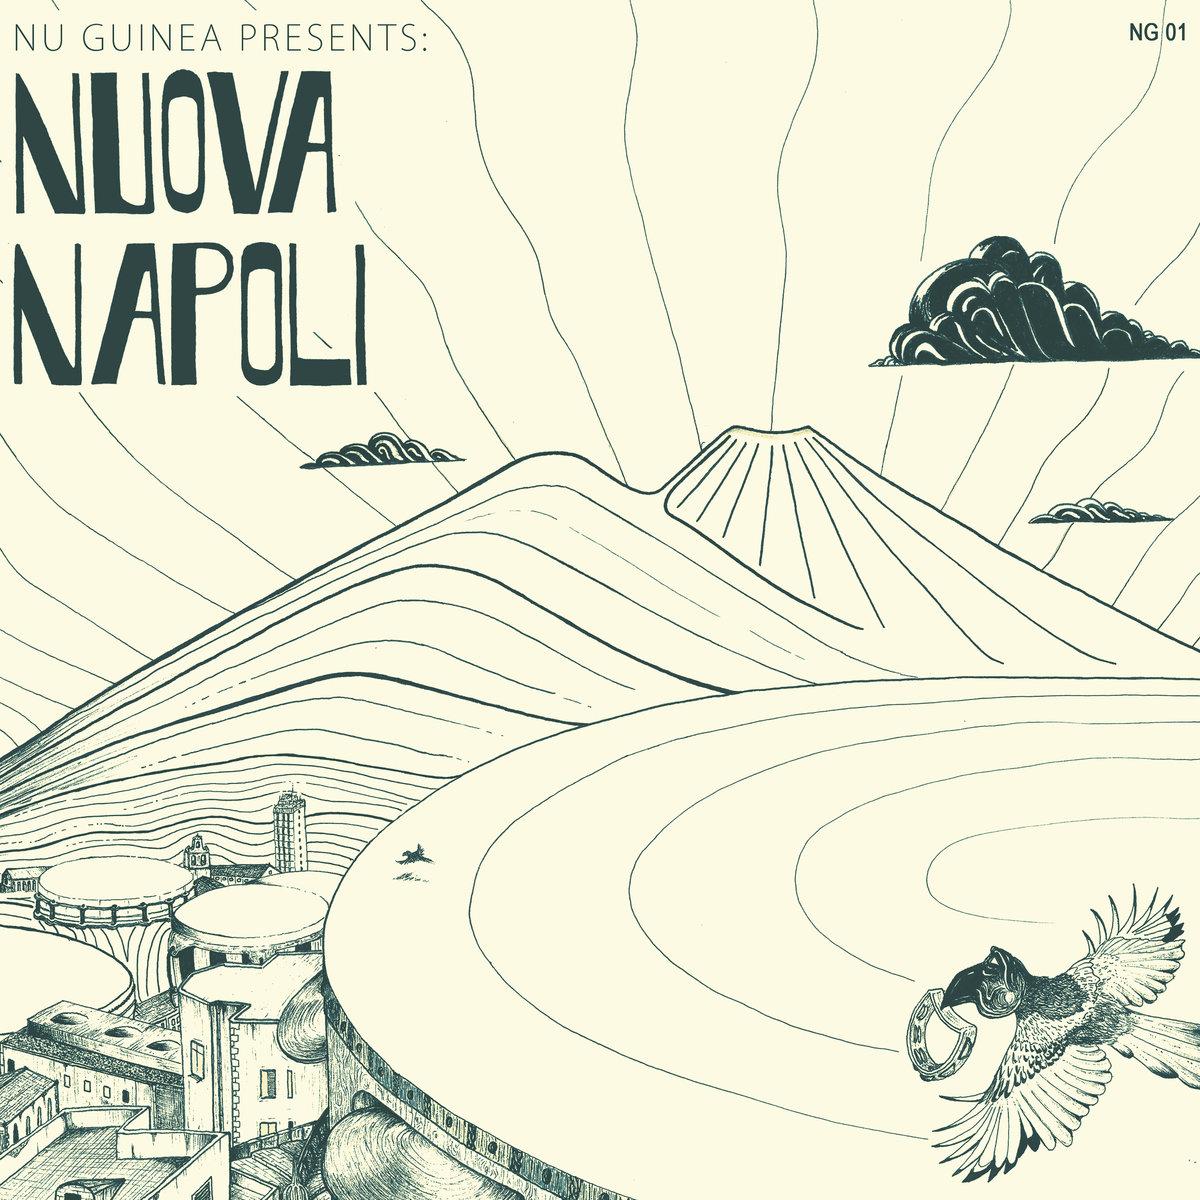 Neuva Napoli